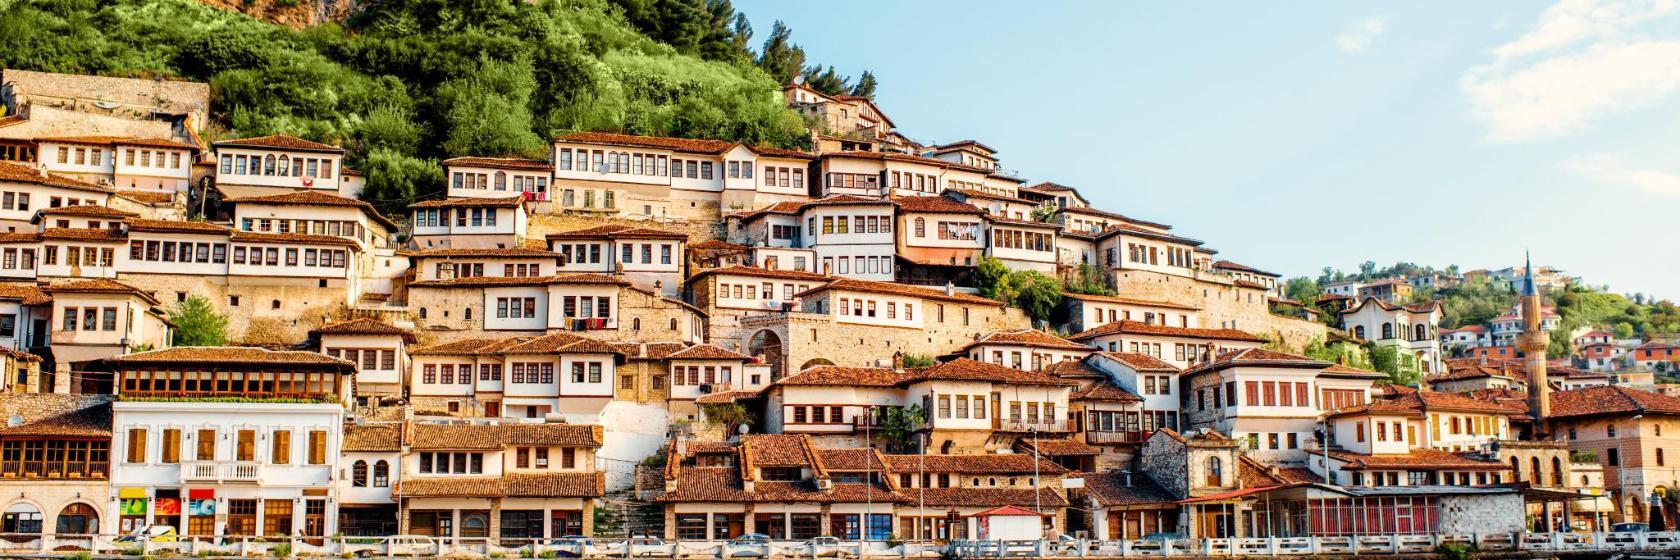 Albania, Europe